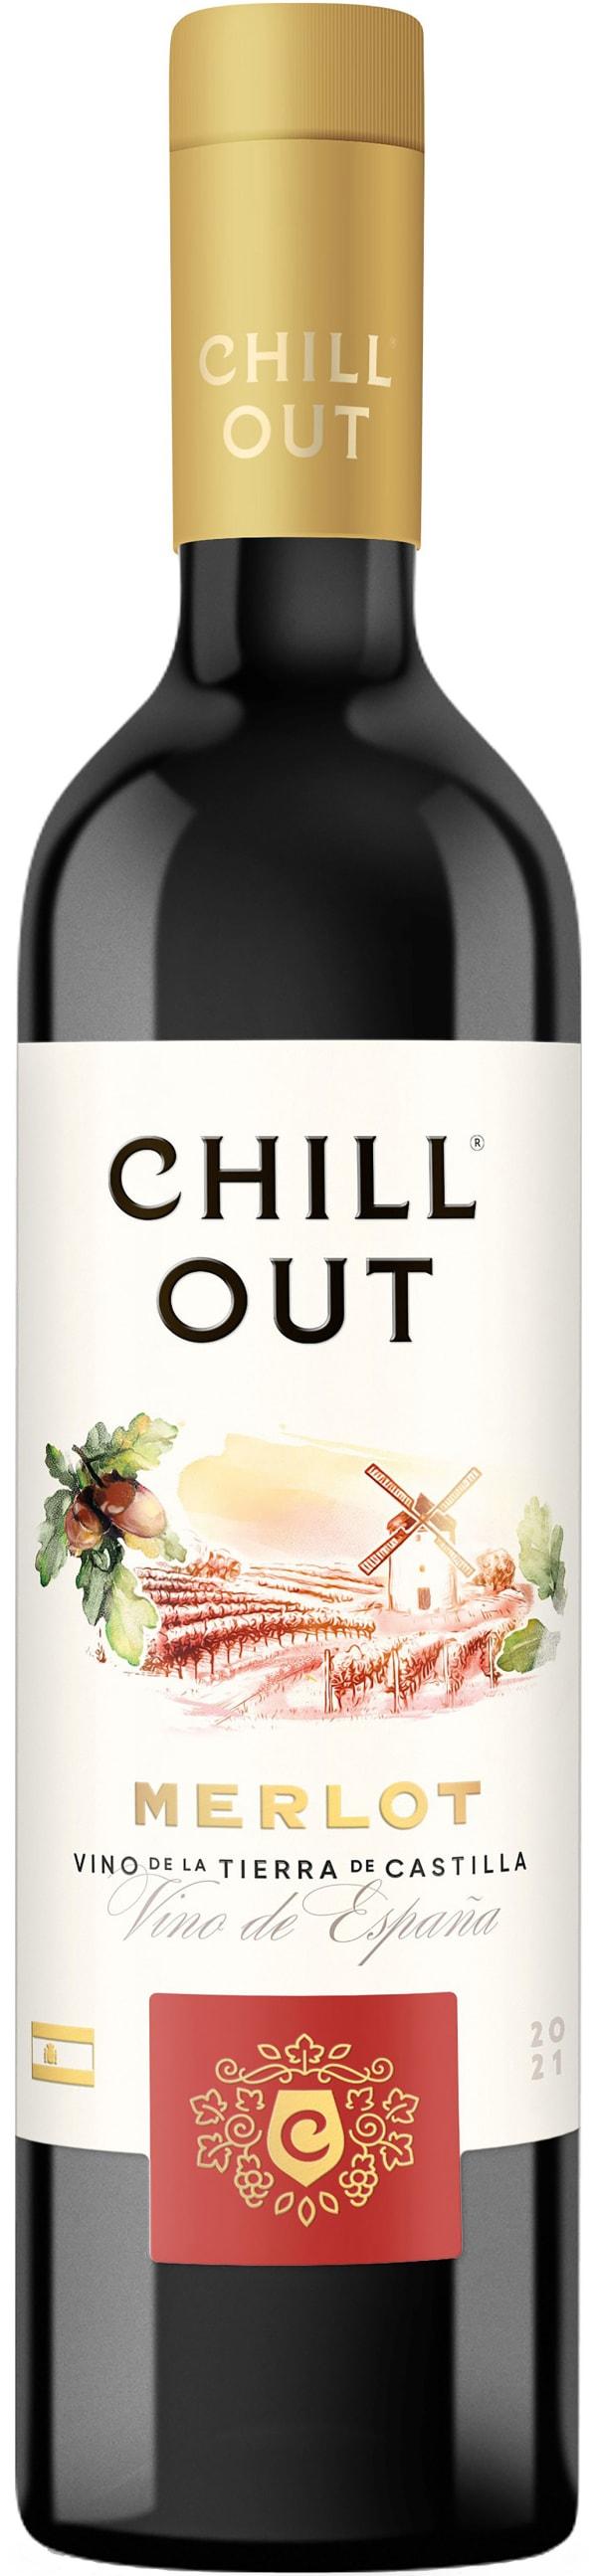 Chill Out Soft & Vibrant Merlot 2016 plastflaska